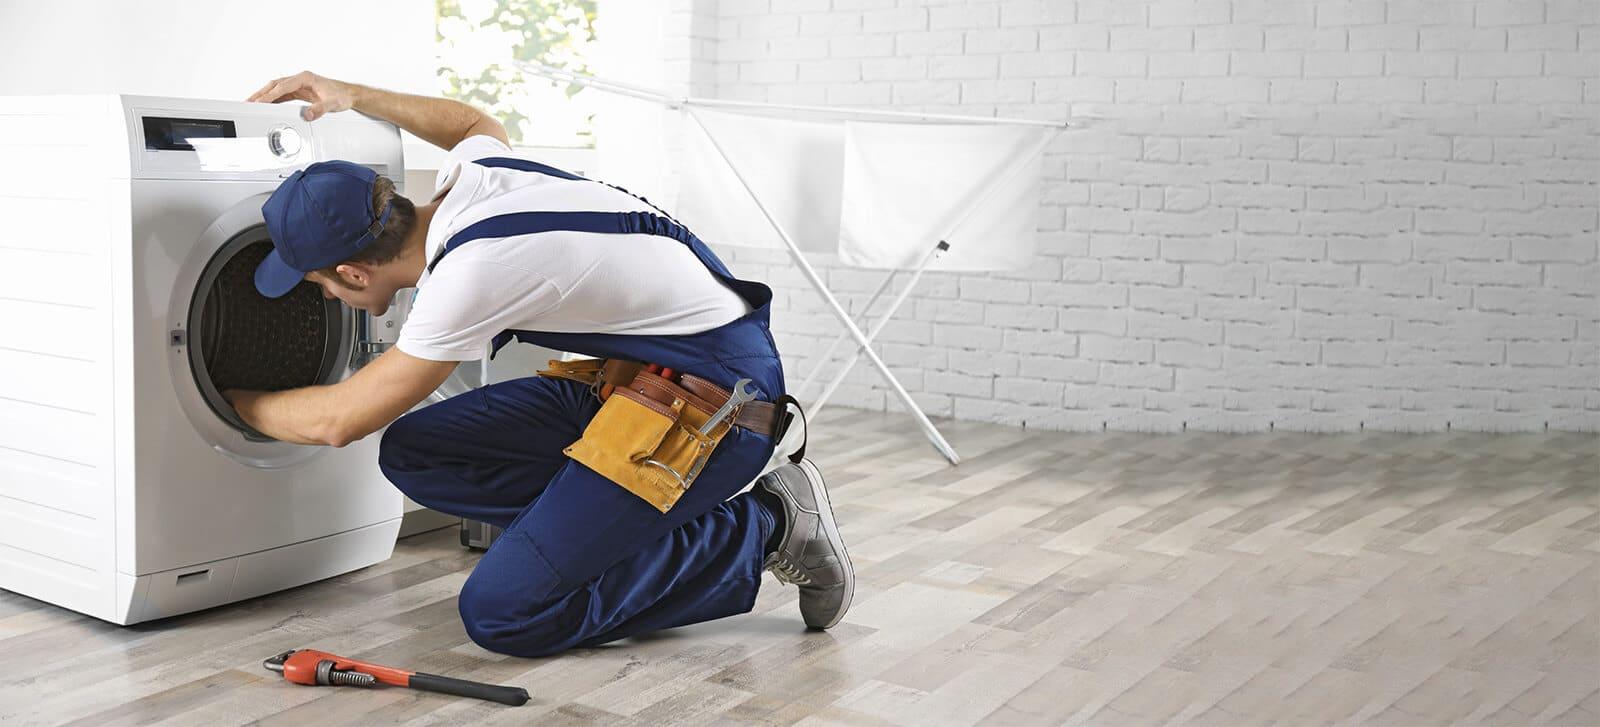 کاراباما: مرکز تخصصی تعمیرات لوازم خانگی